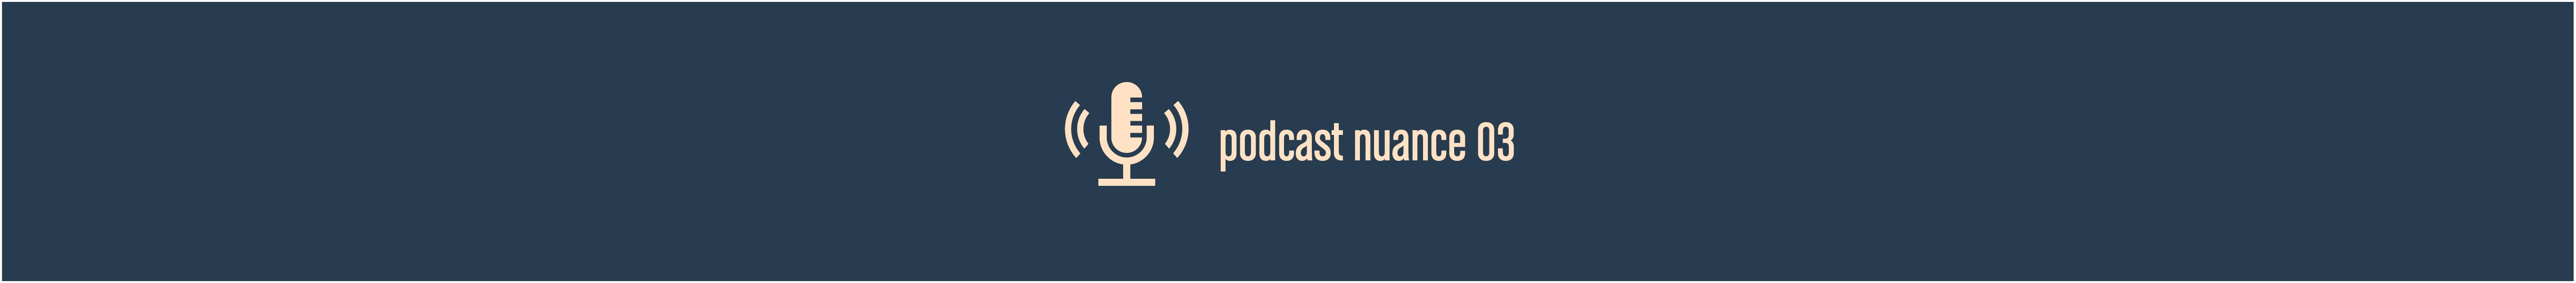 Nuance 03 – Deep Dive Trigger – Episode